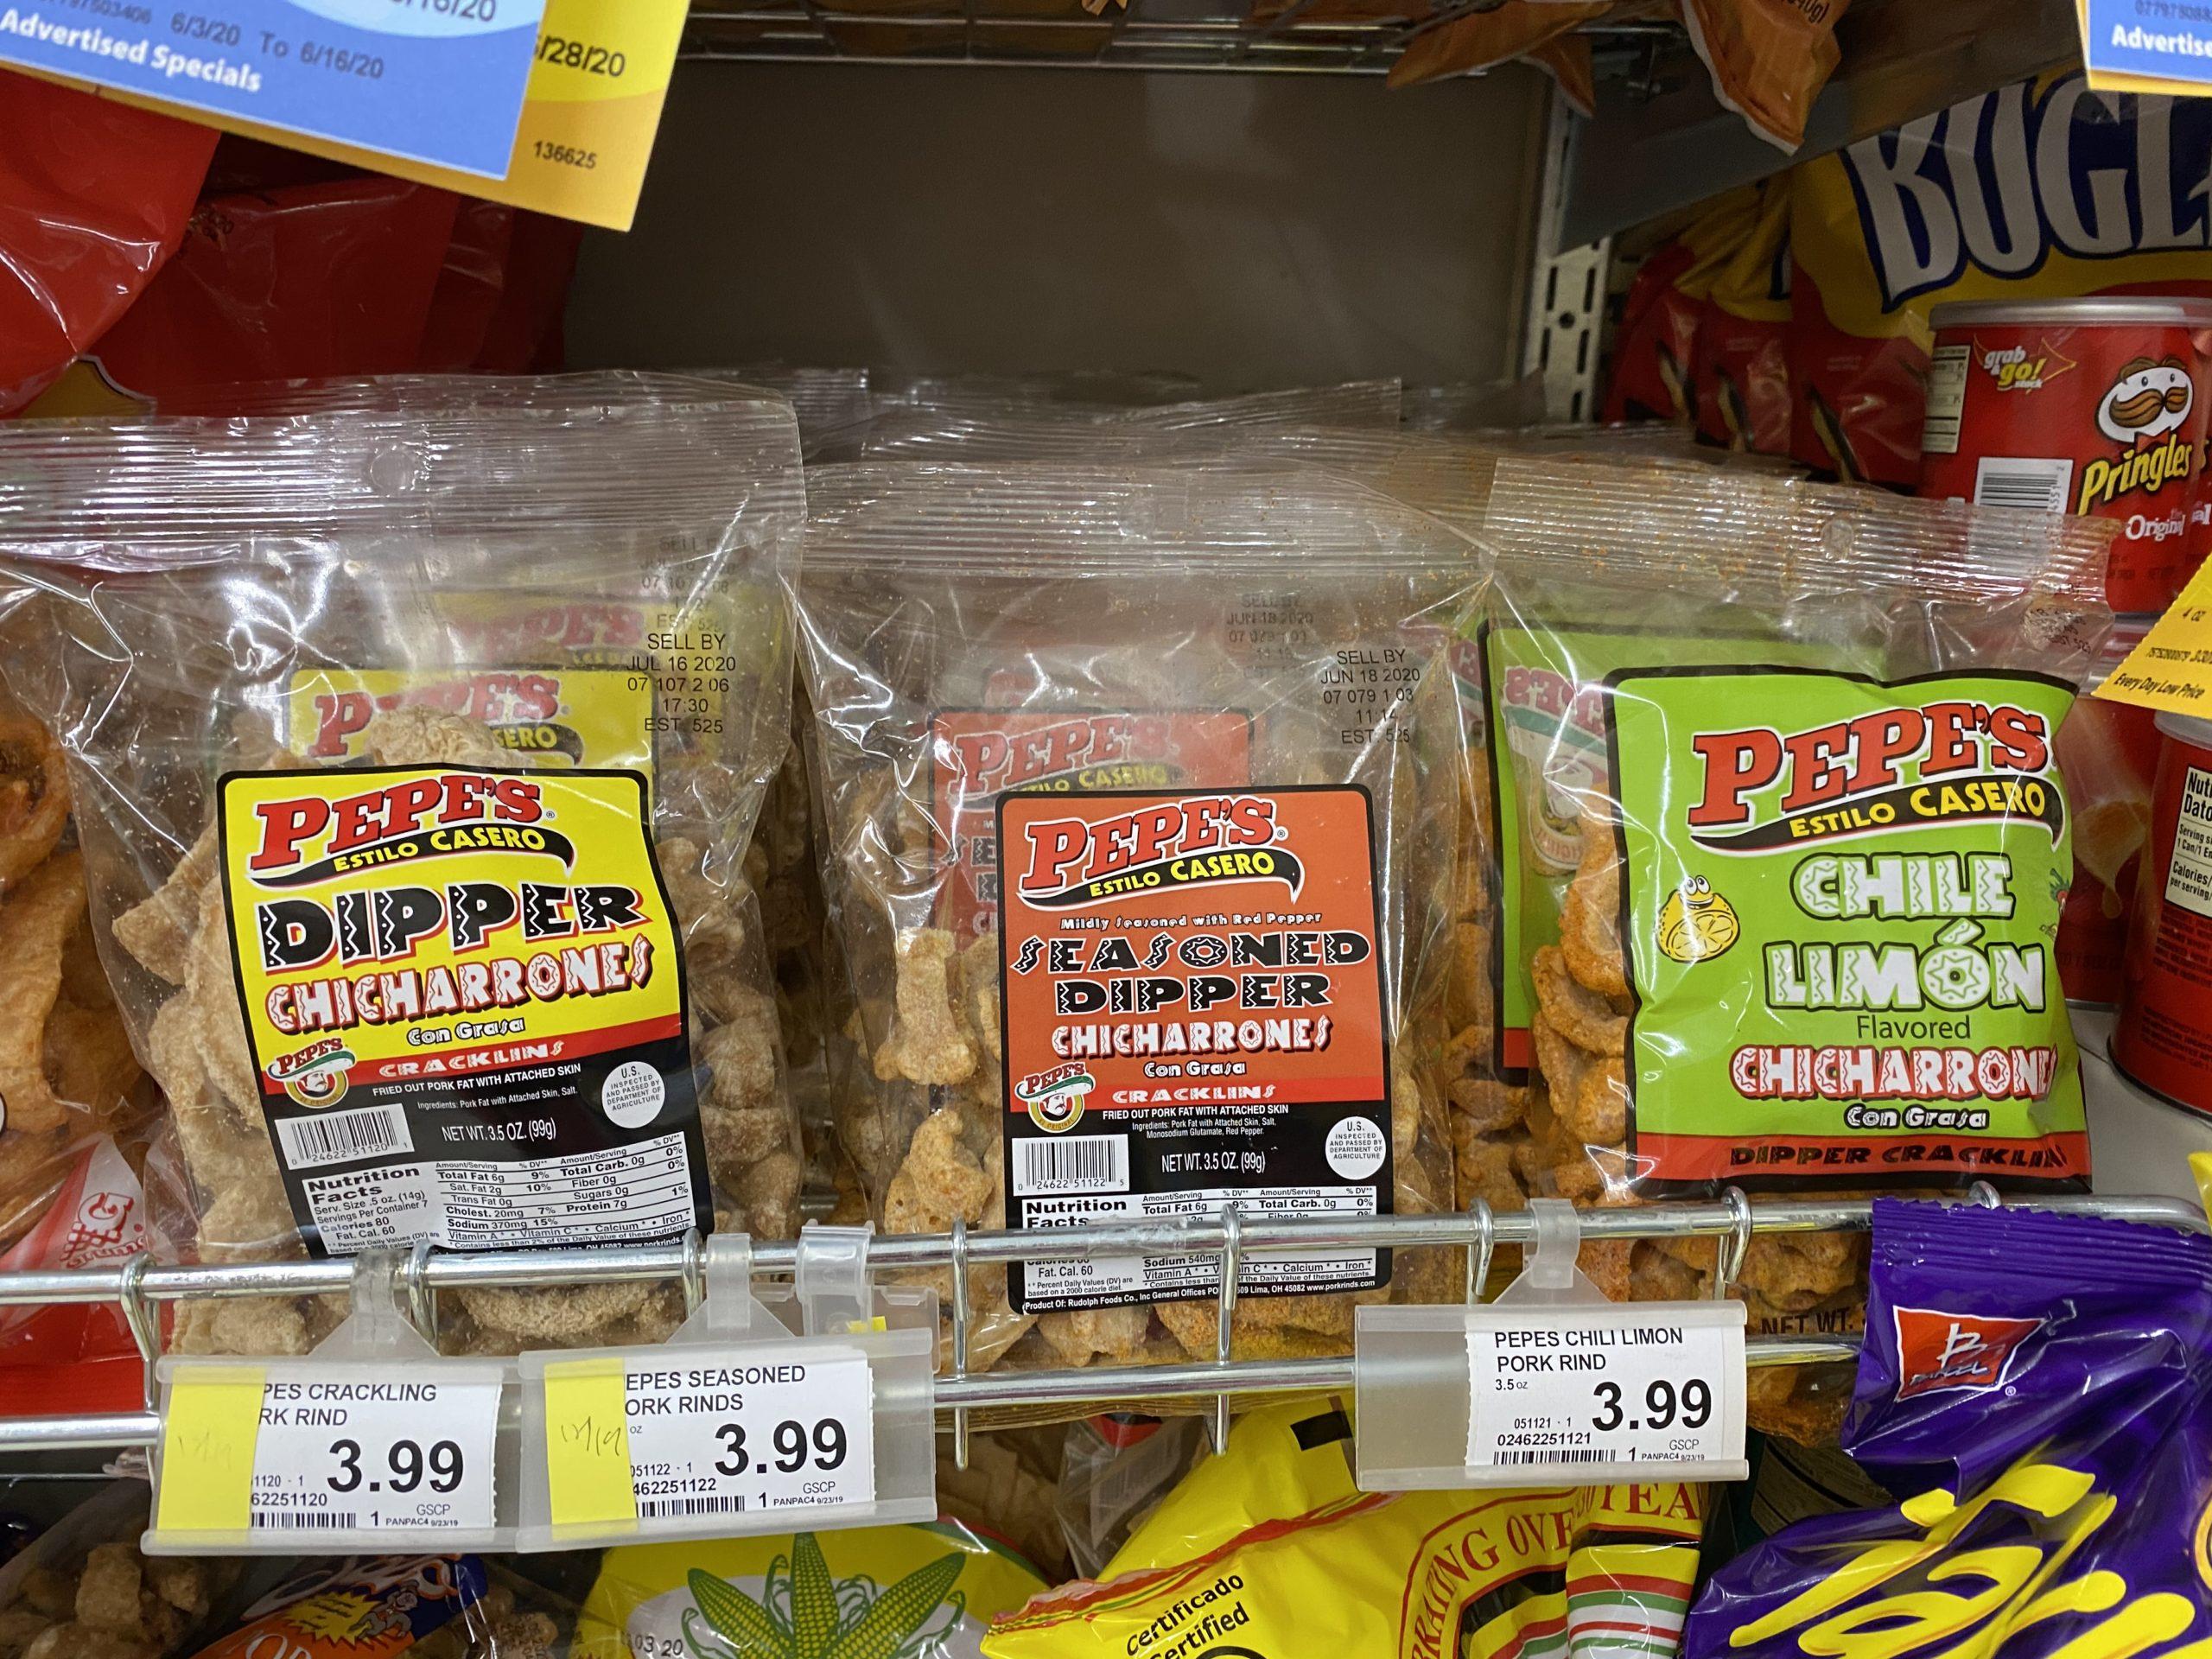 糖質制限お菓子~豚の皮・チチャロン